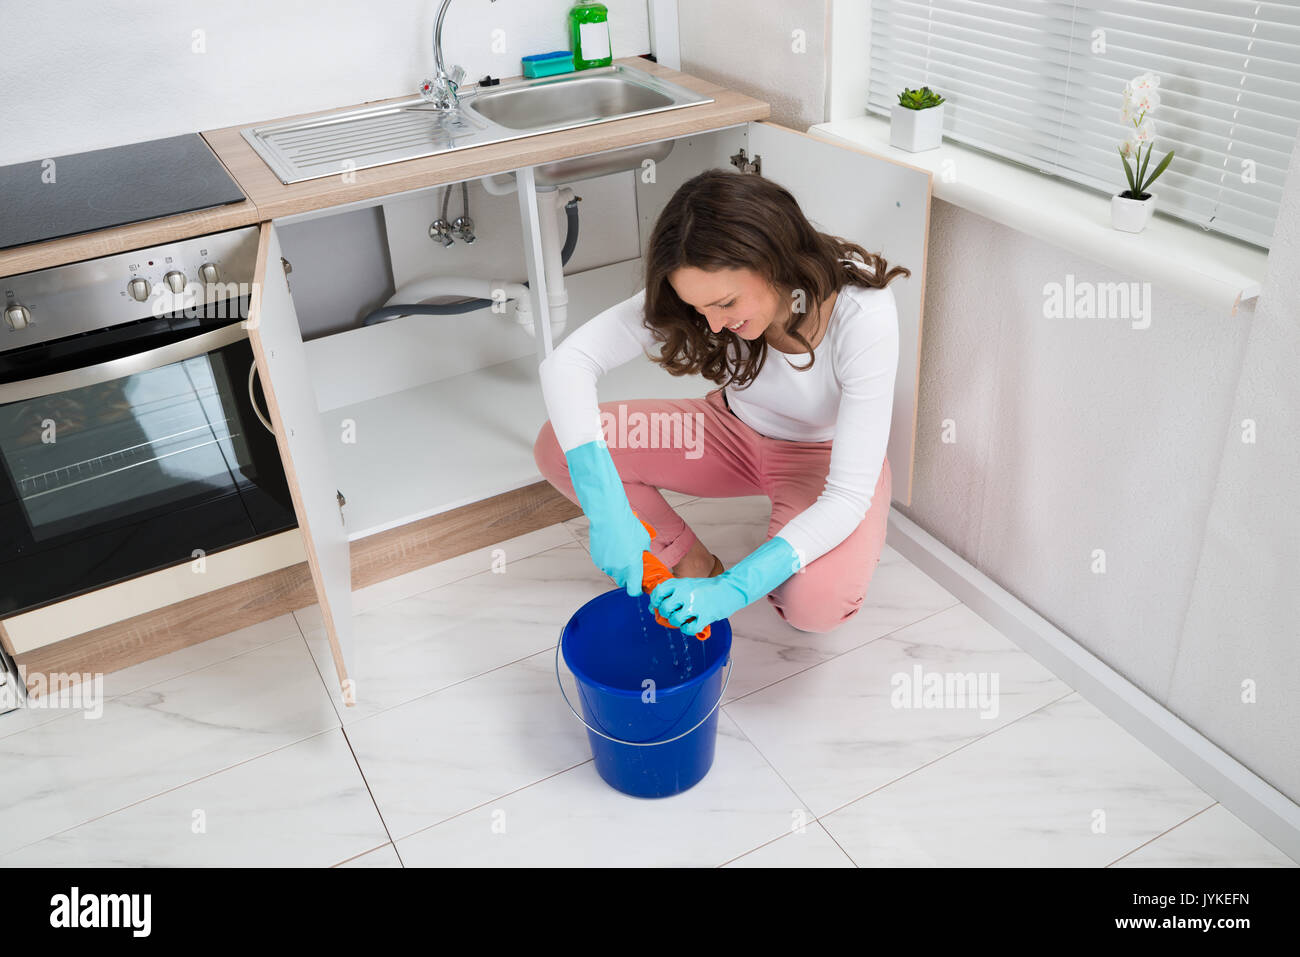 Schon Junge Frau Quetschen Nasses Tuch In Blau Schaufel Auf Küche Zimmer